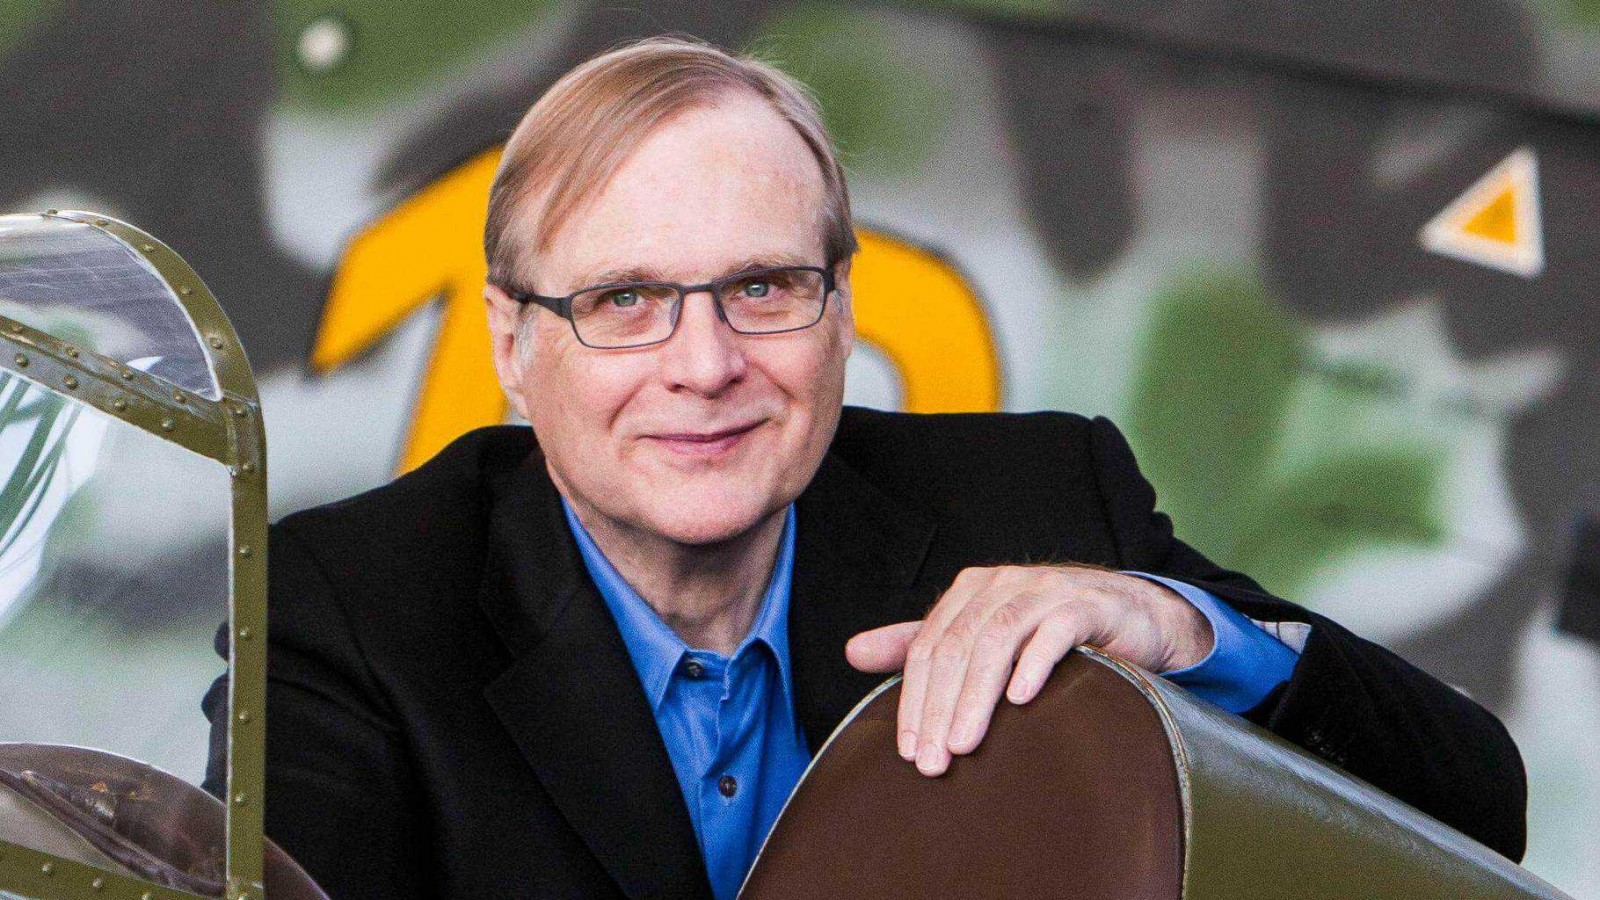 Morto Paul Allen, co-fondatore di Microsoft